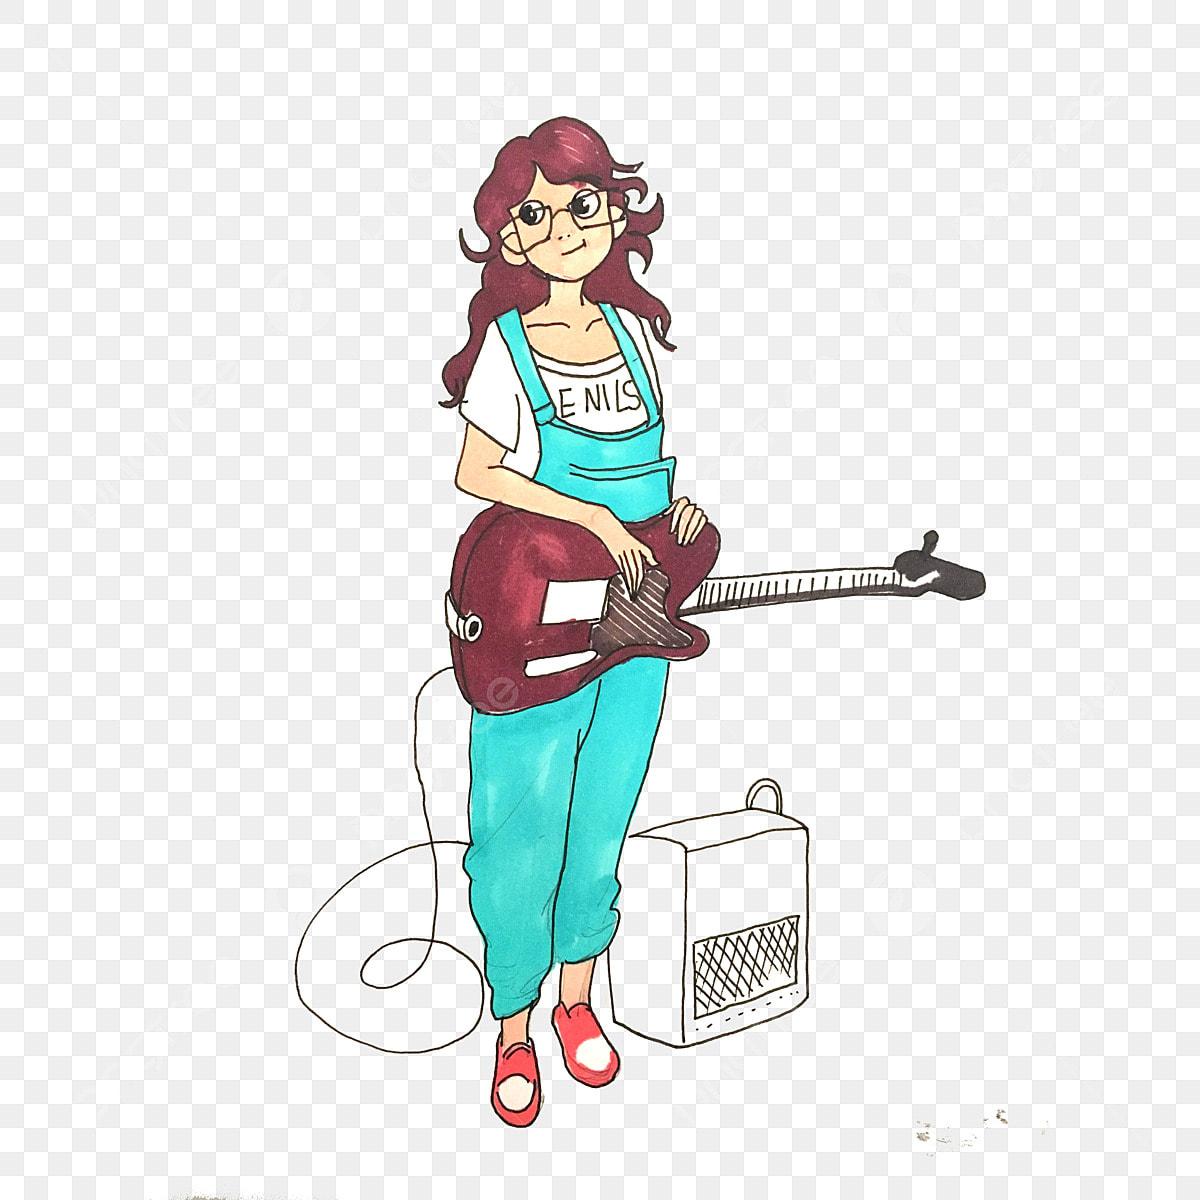 dessin de culbuteurs de vecteur dessin rock and roll musicien png et vecteur pour t u00e9l u00e9chargement